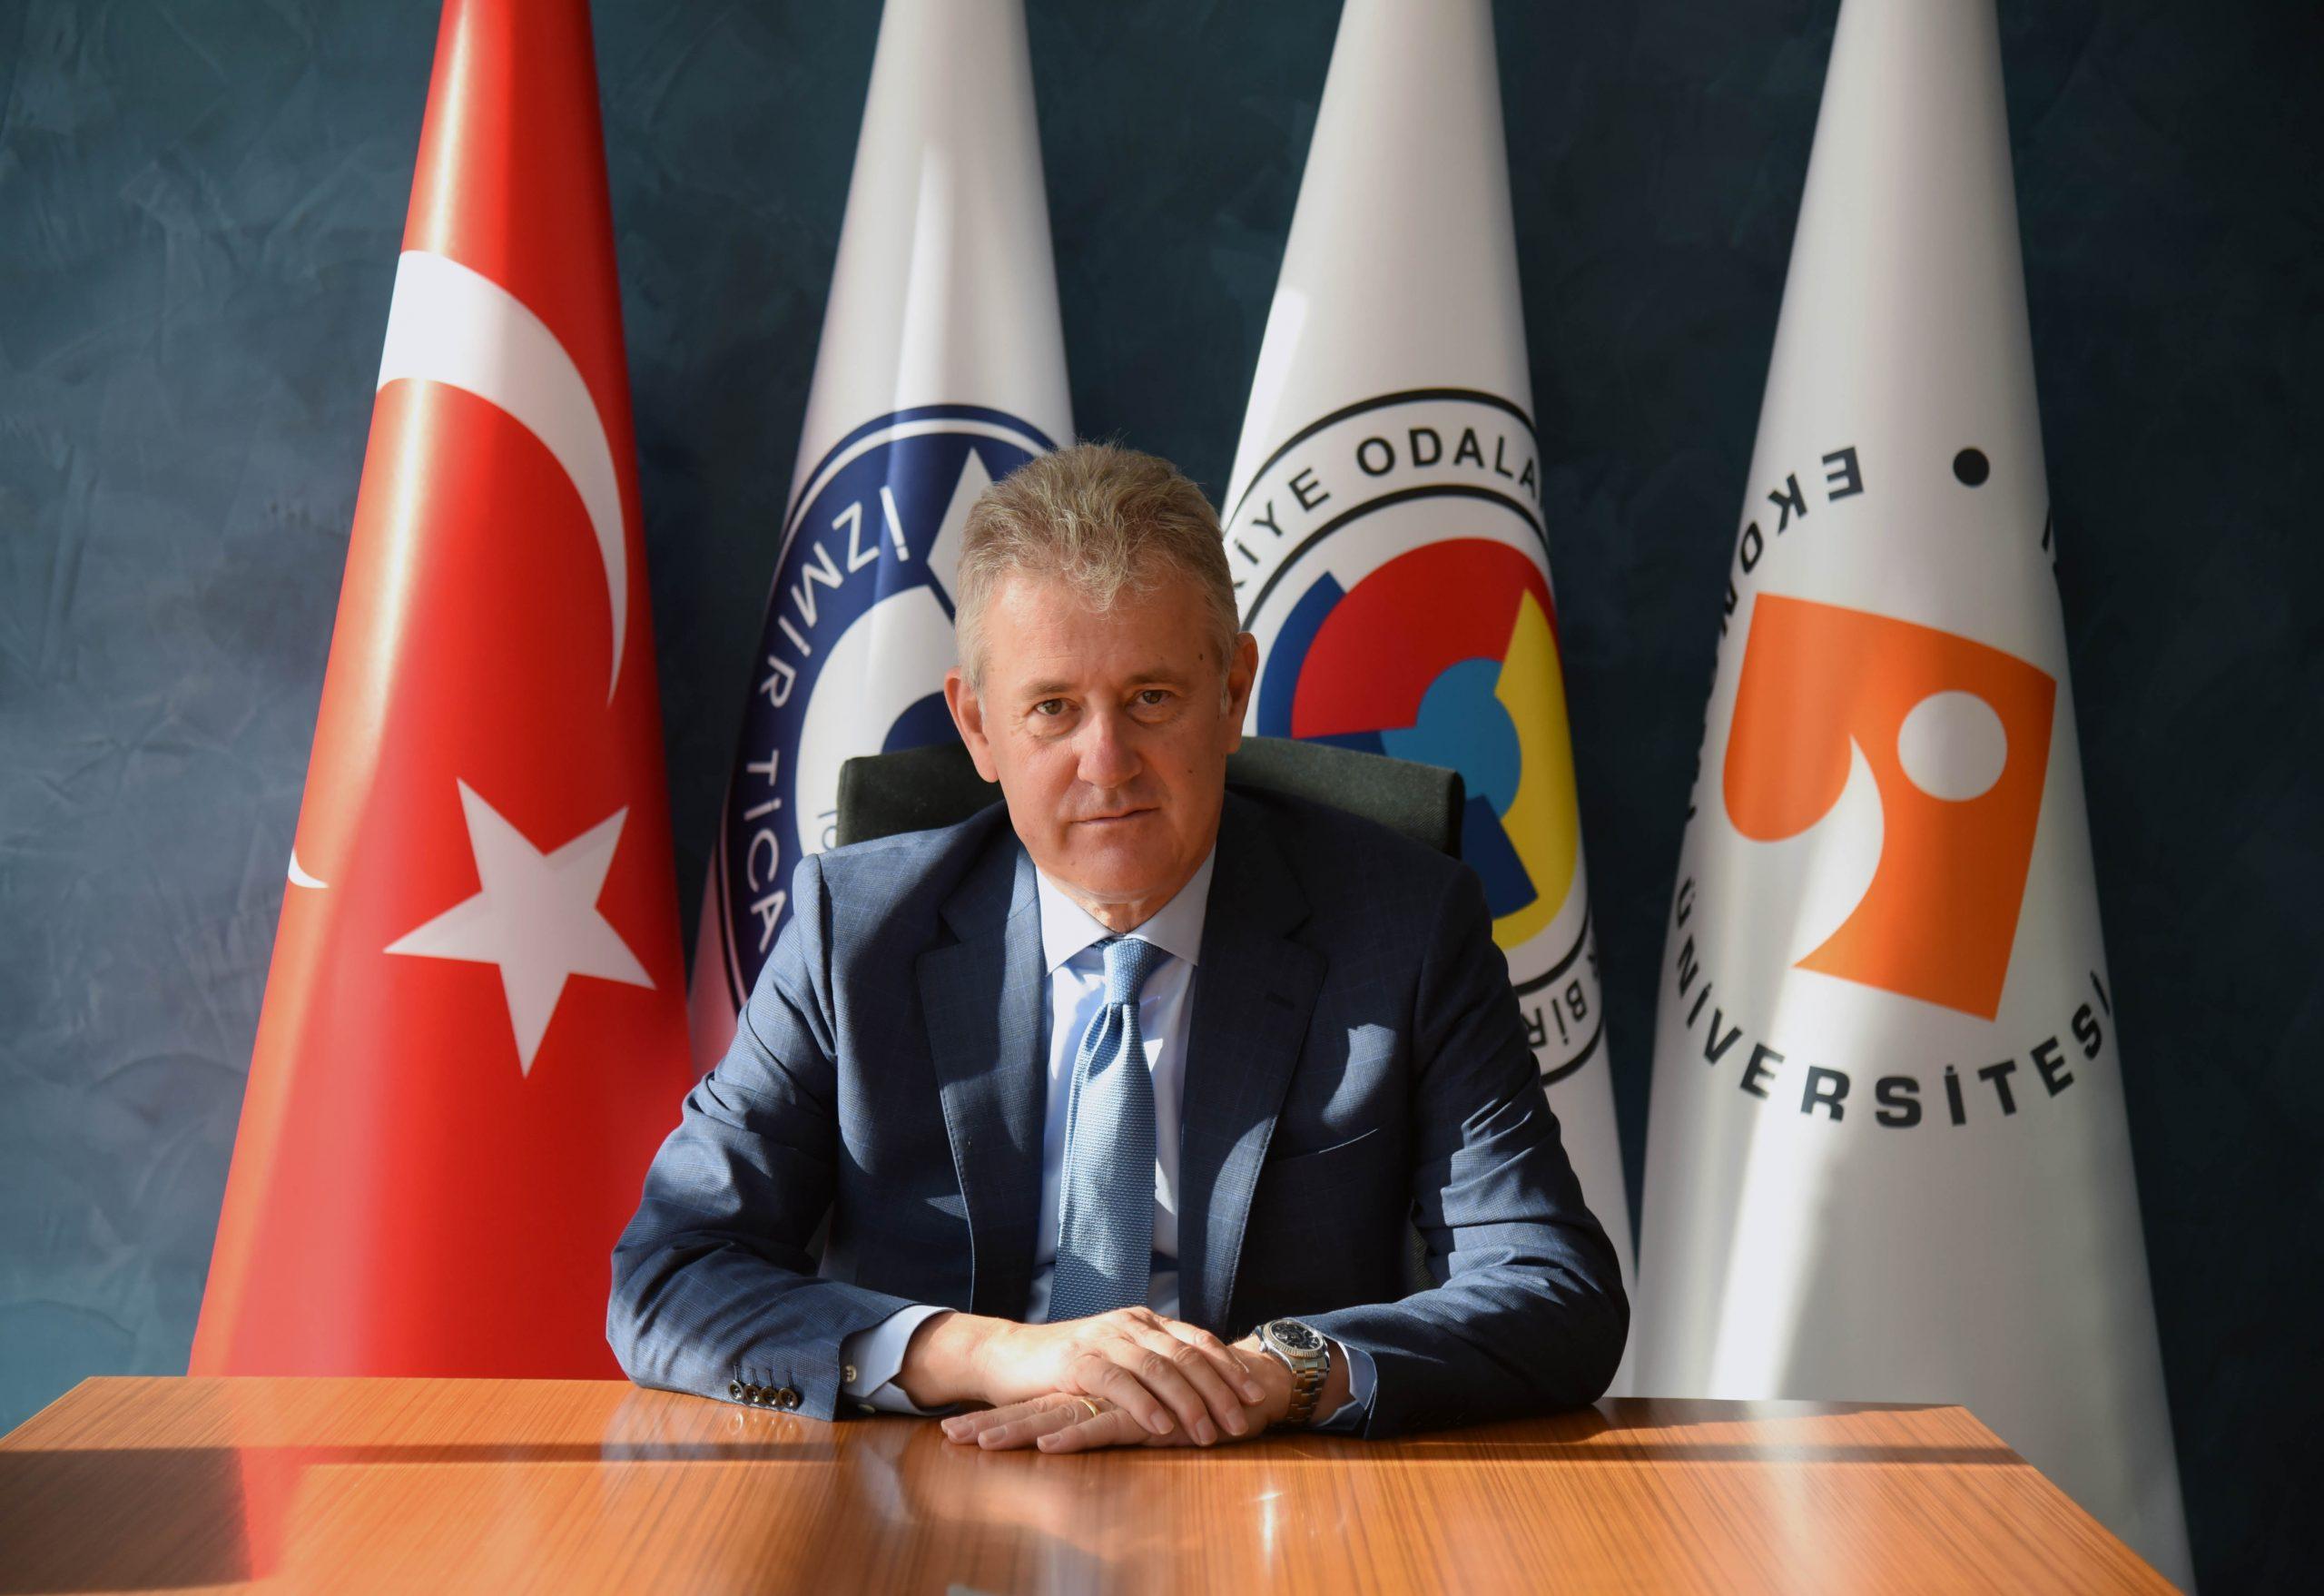 Mahmut ÖZGENER